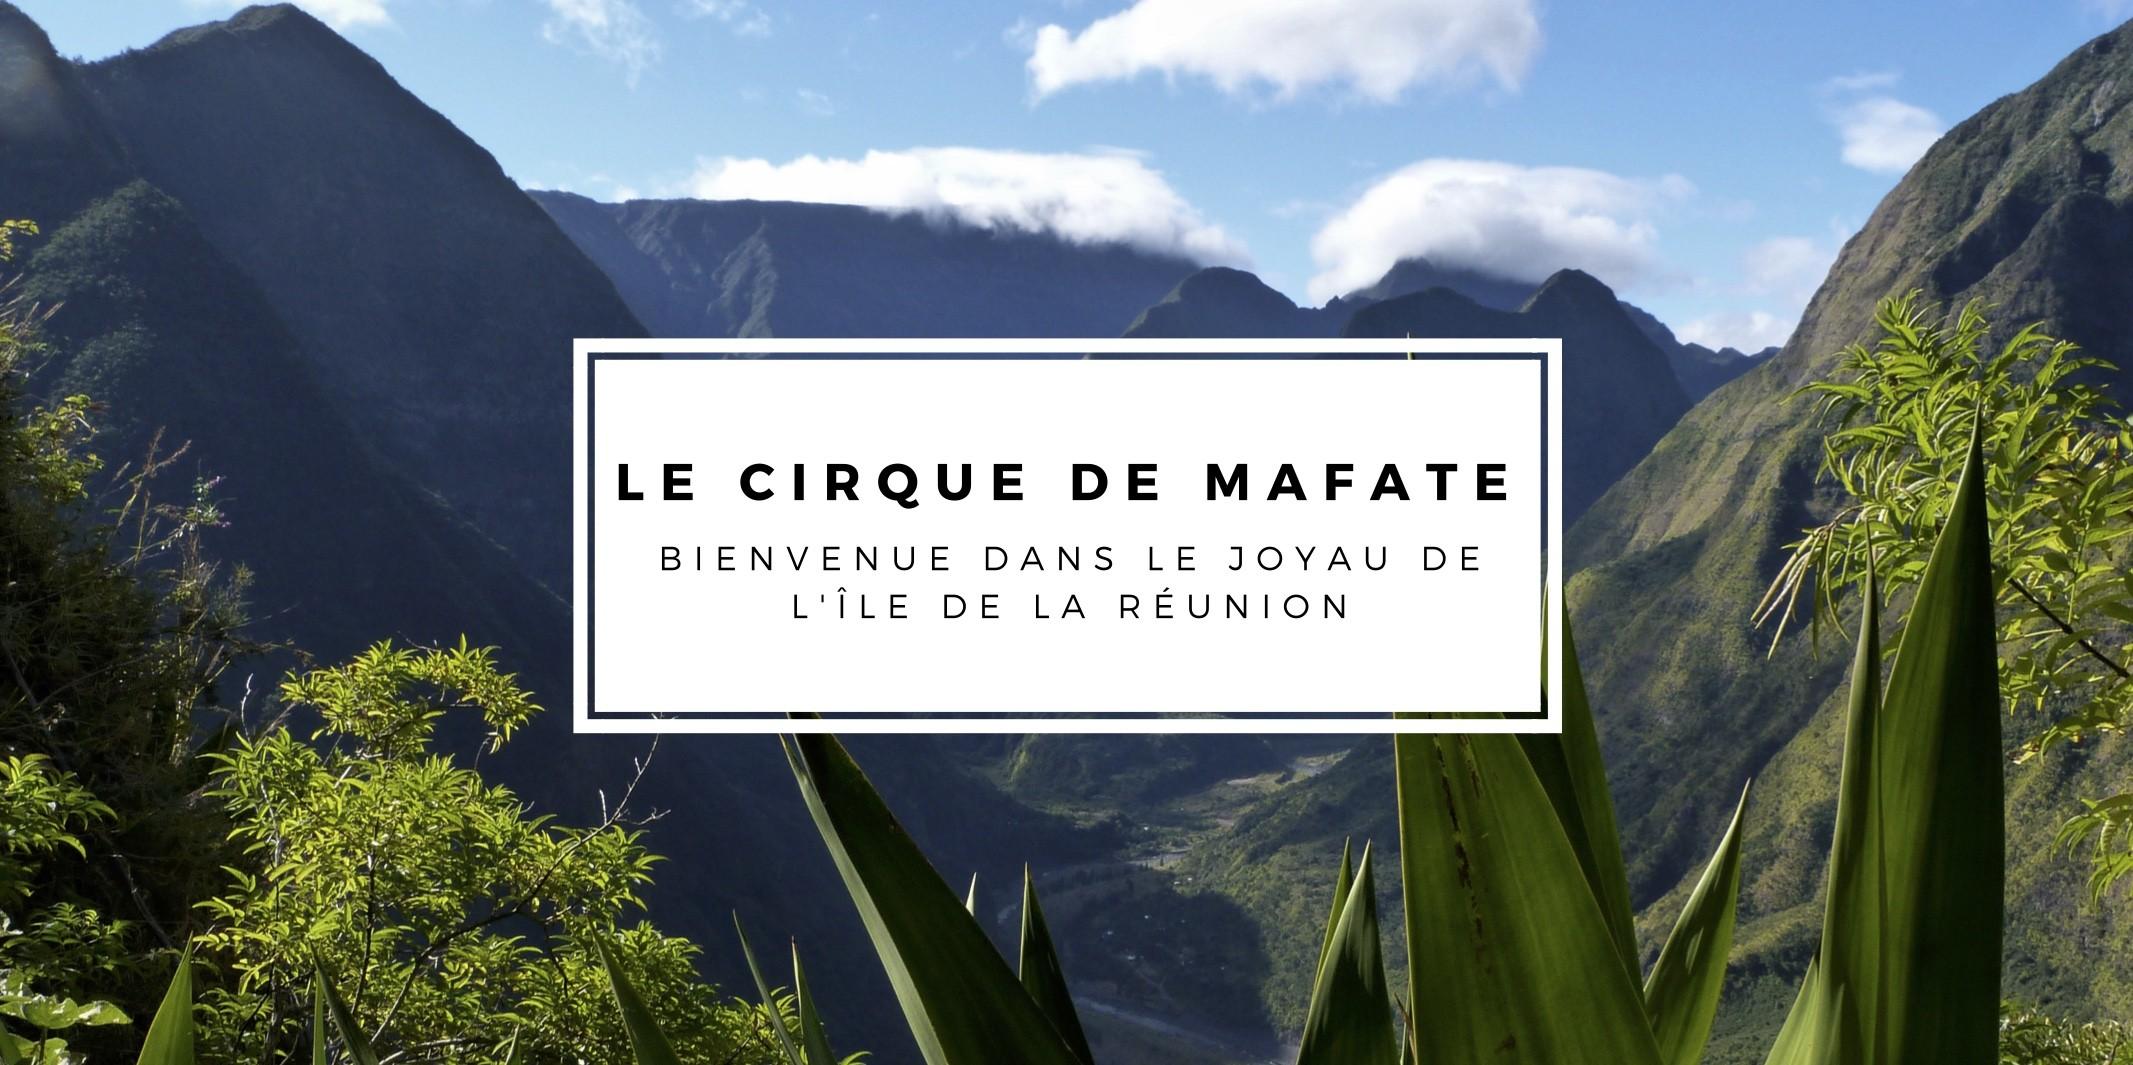 Le Cirque de Mafate les accès et randonnées